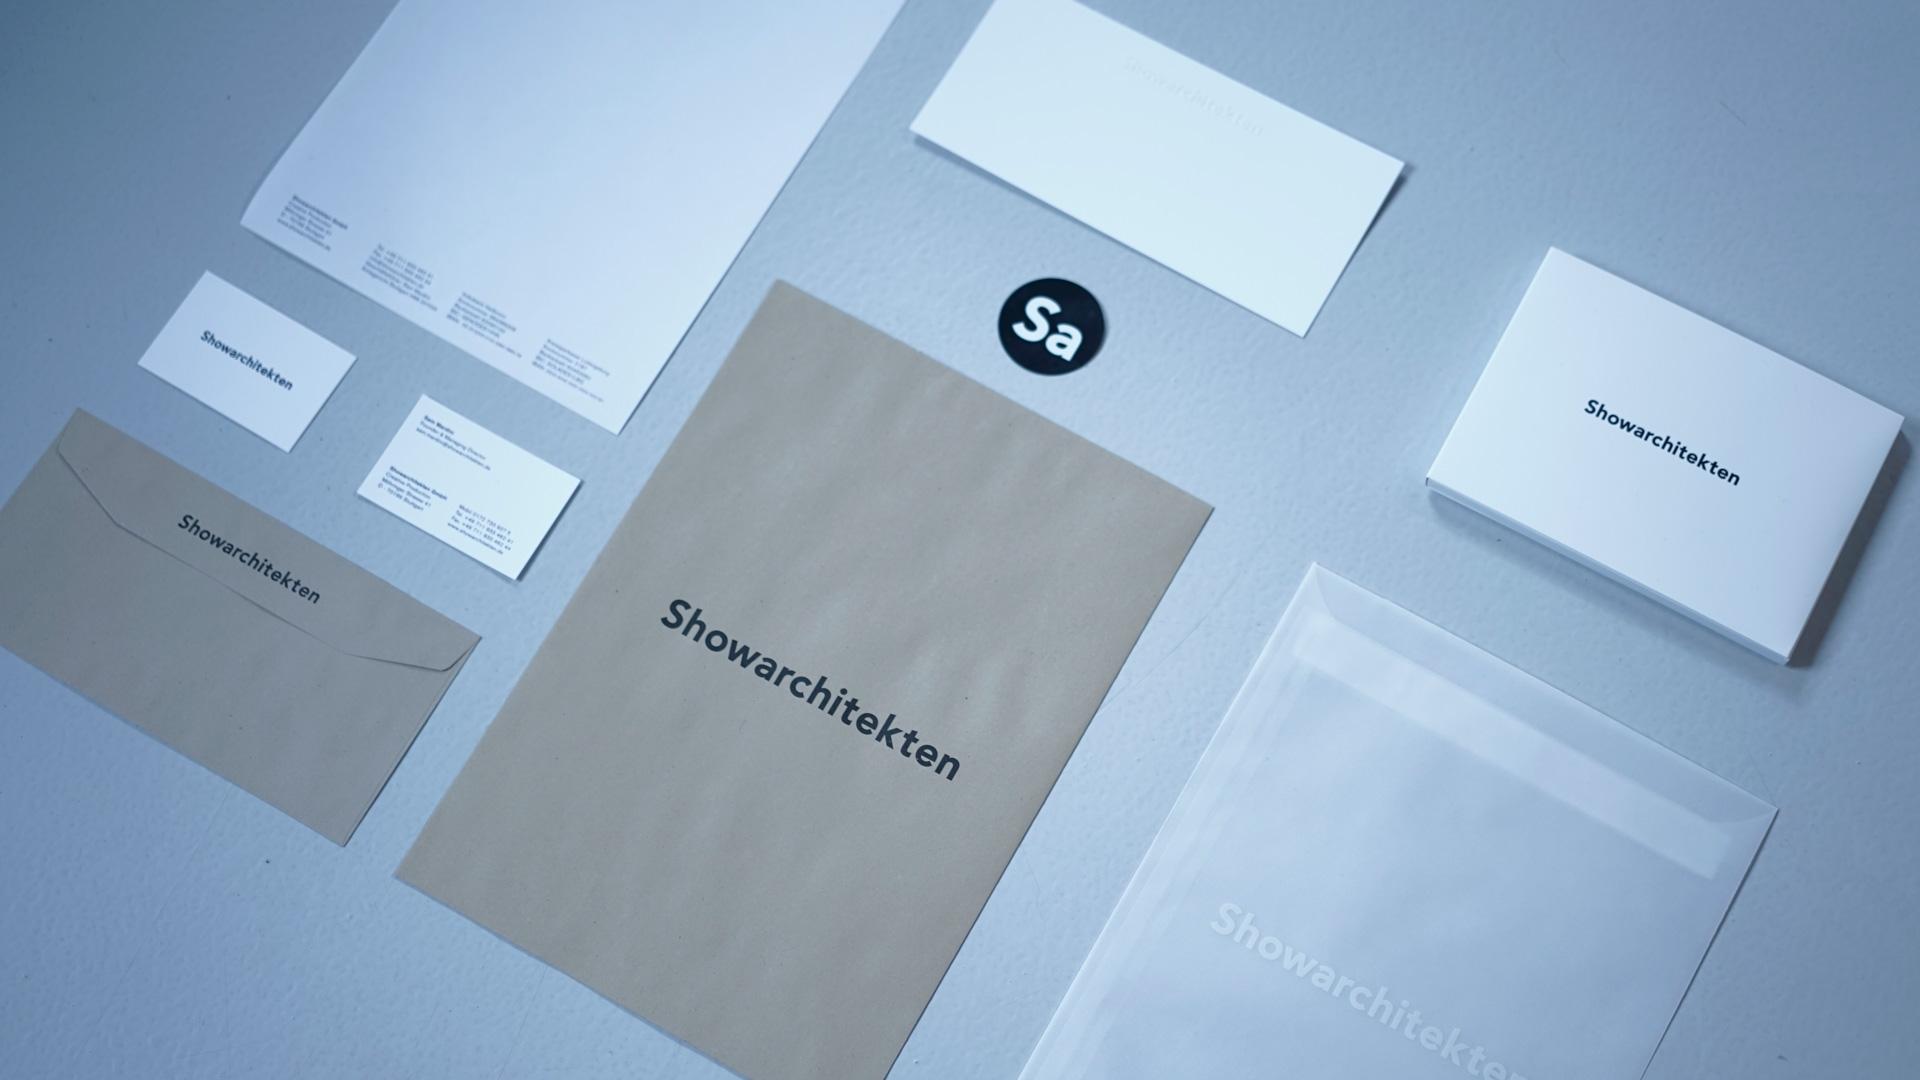 Neue Corporate Identity der Showarchitekten / Showarchitekten, Creative Production, Stuttgart